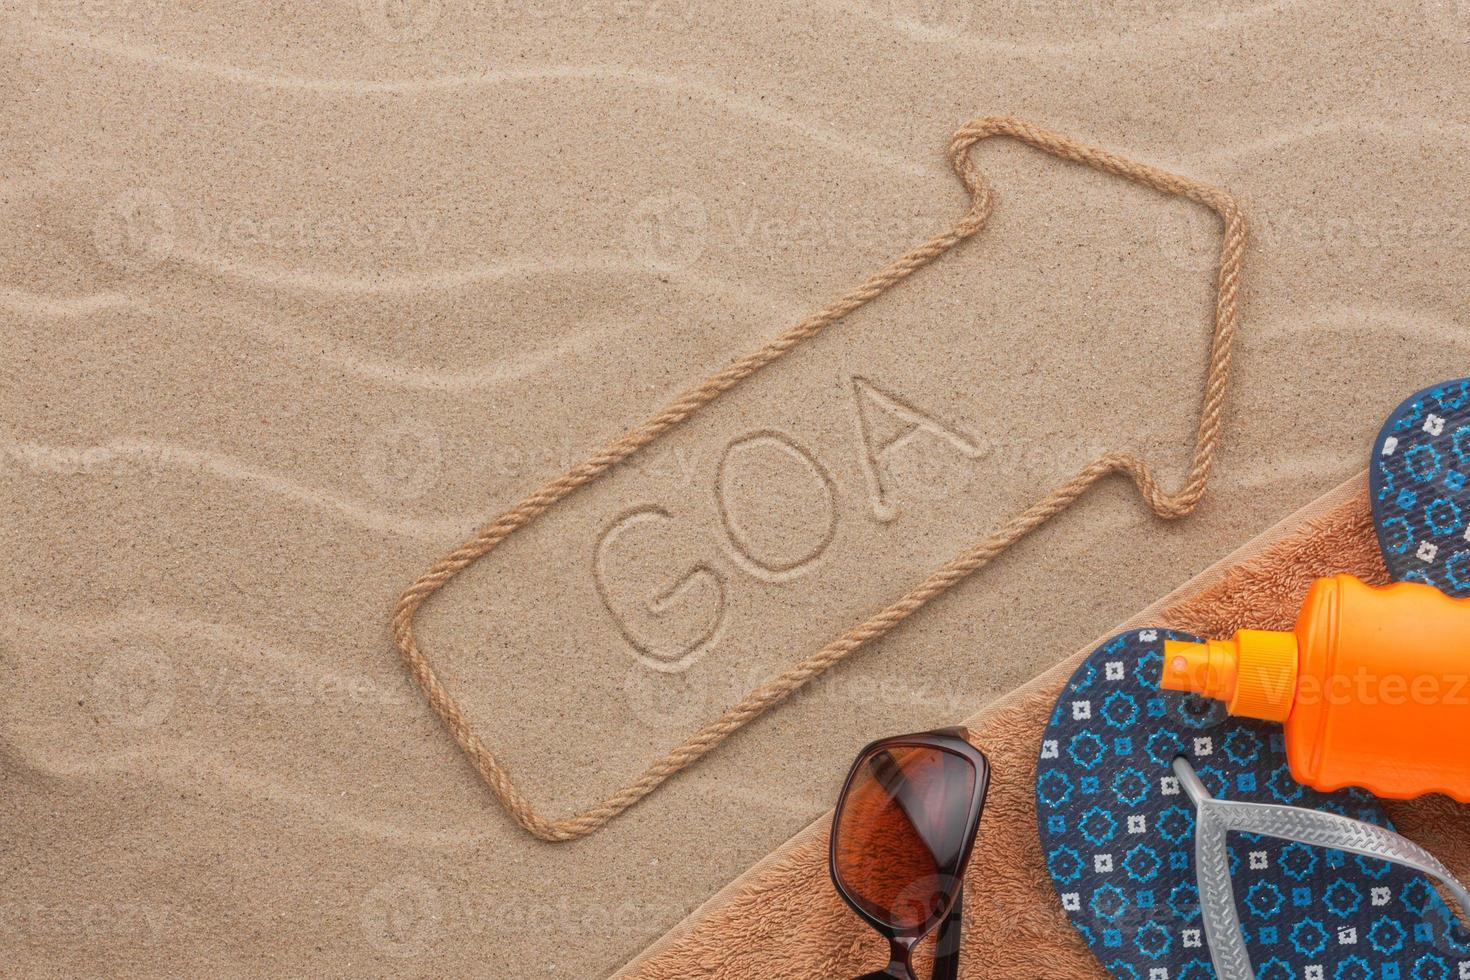 puntero de goa y accesorios de playa tumbado en la arena foto